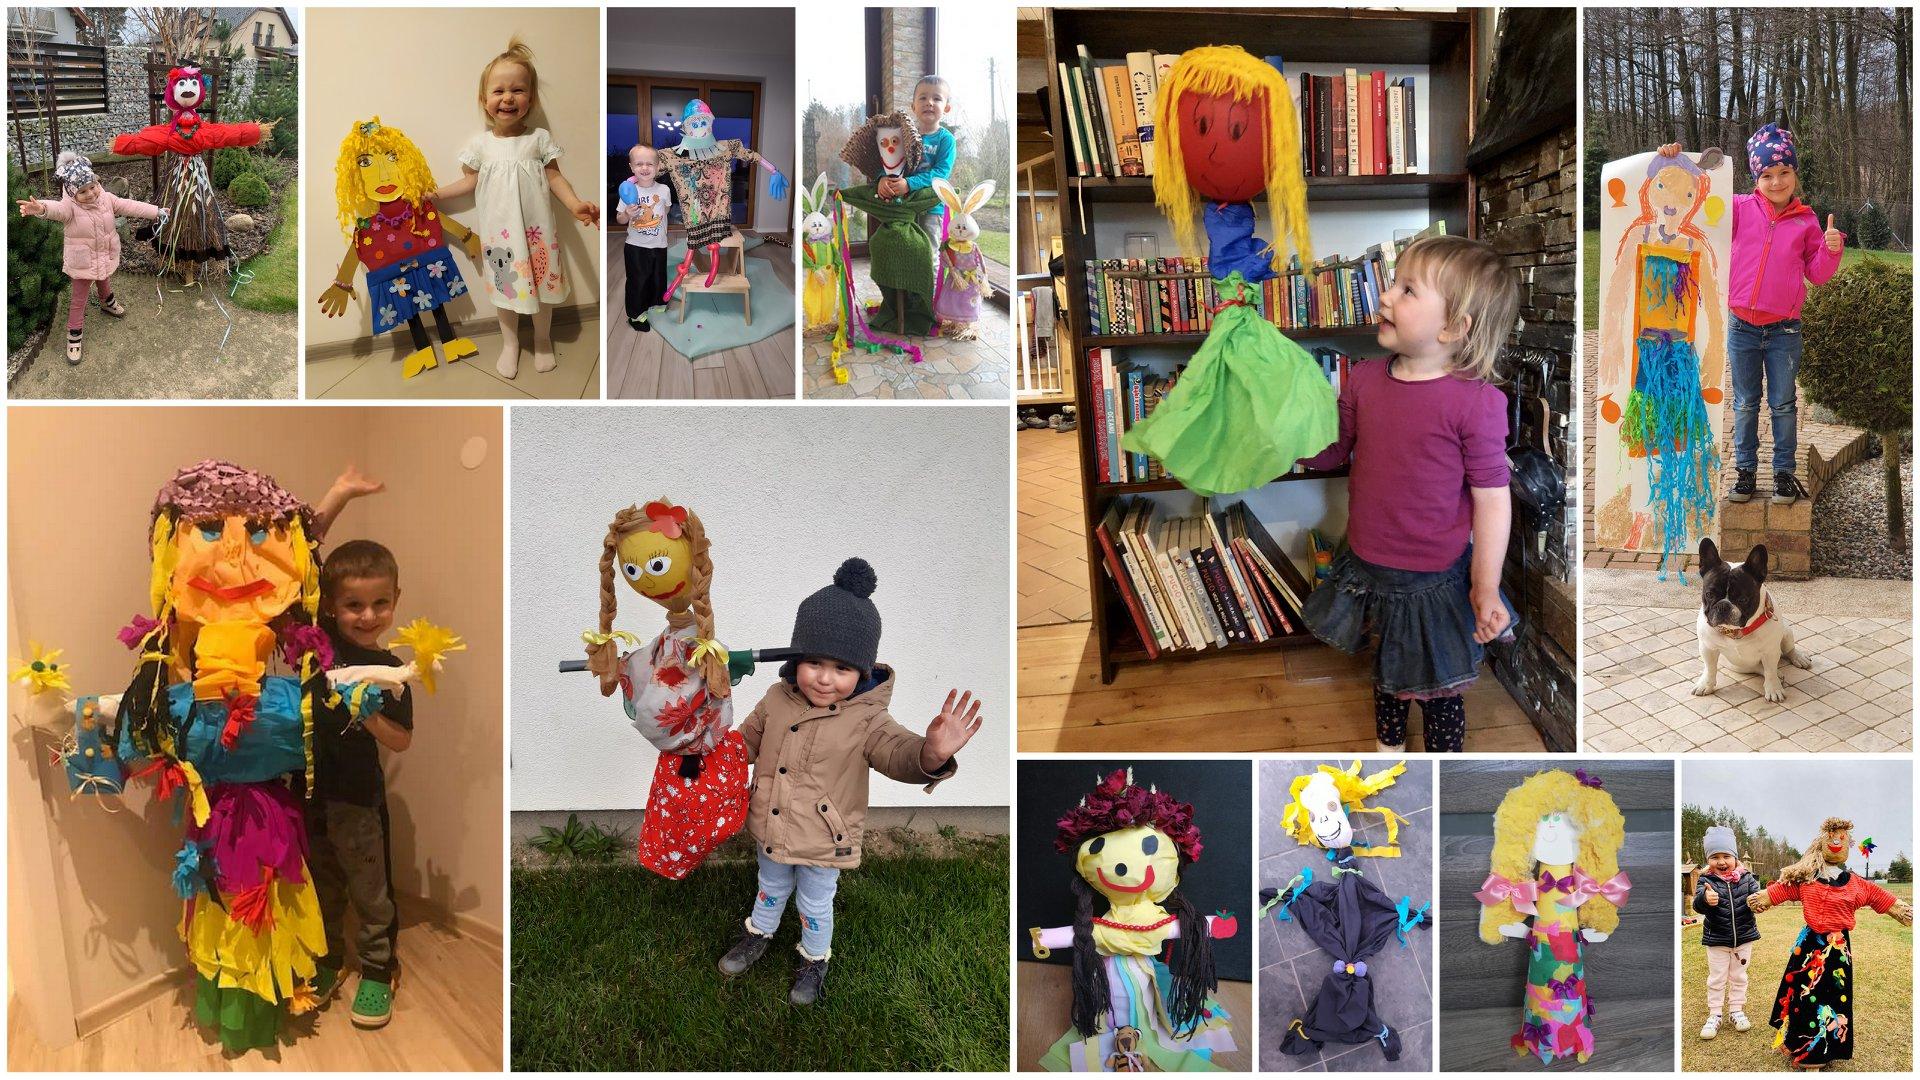 Na kolażu z 12 zdjęć znajdują się dzieci prezentujące wykonane przez siebie marzanny.